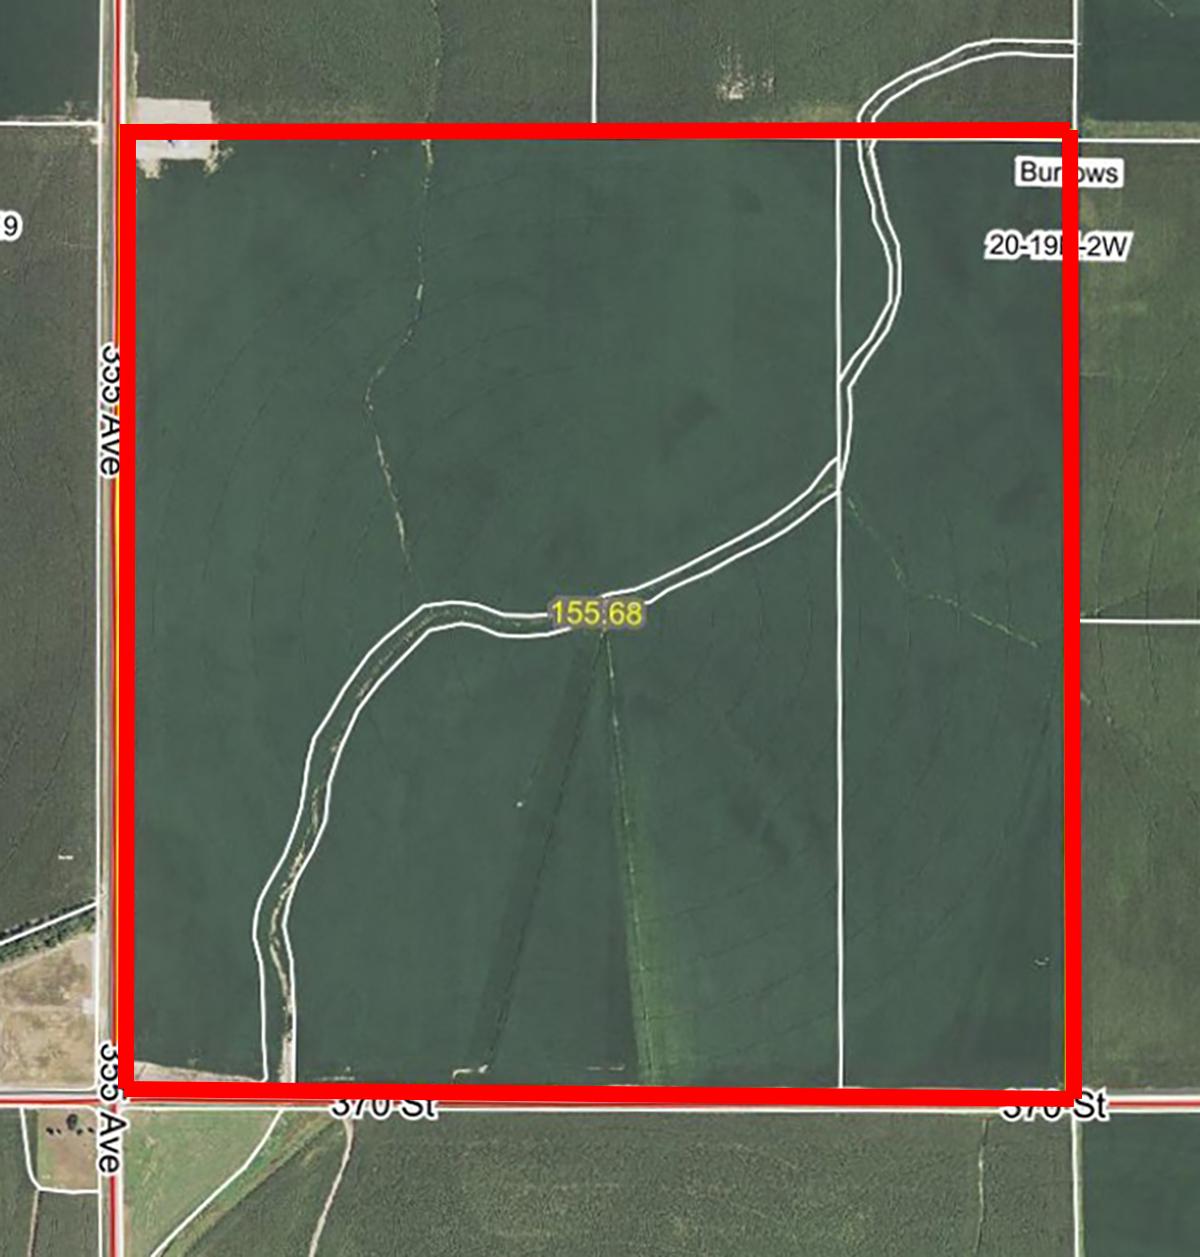 Schmidt Aerial Map